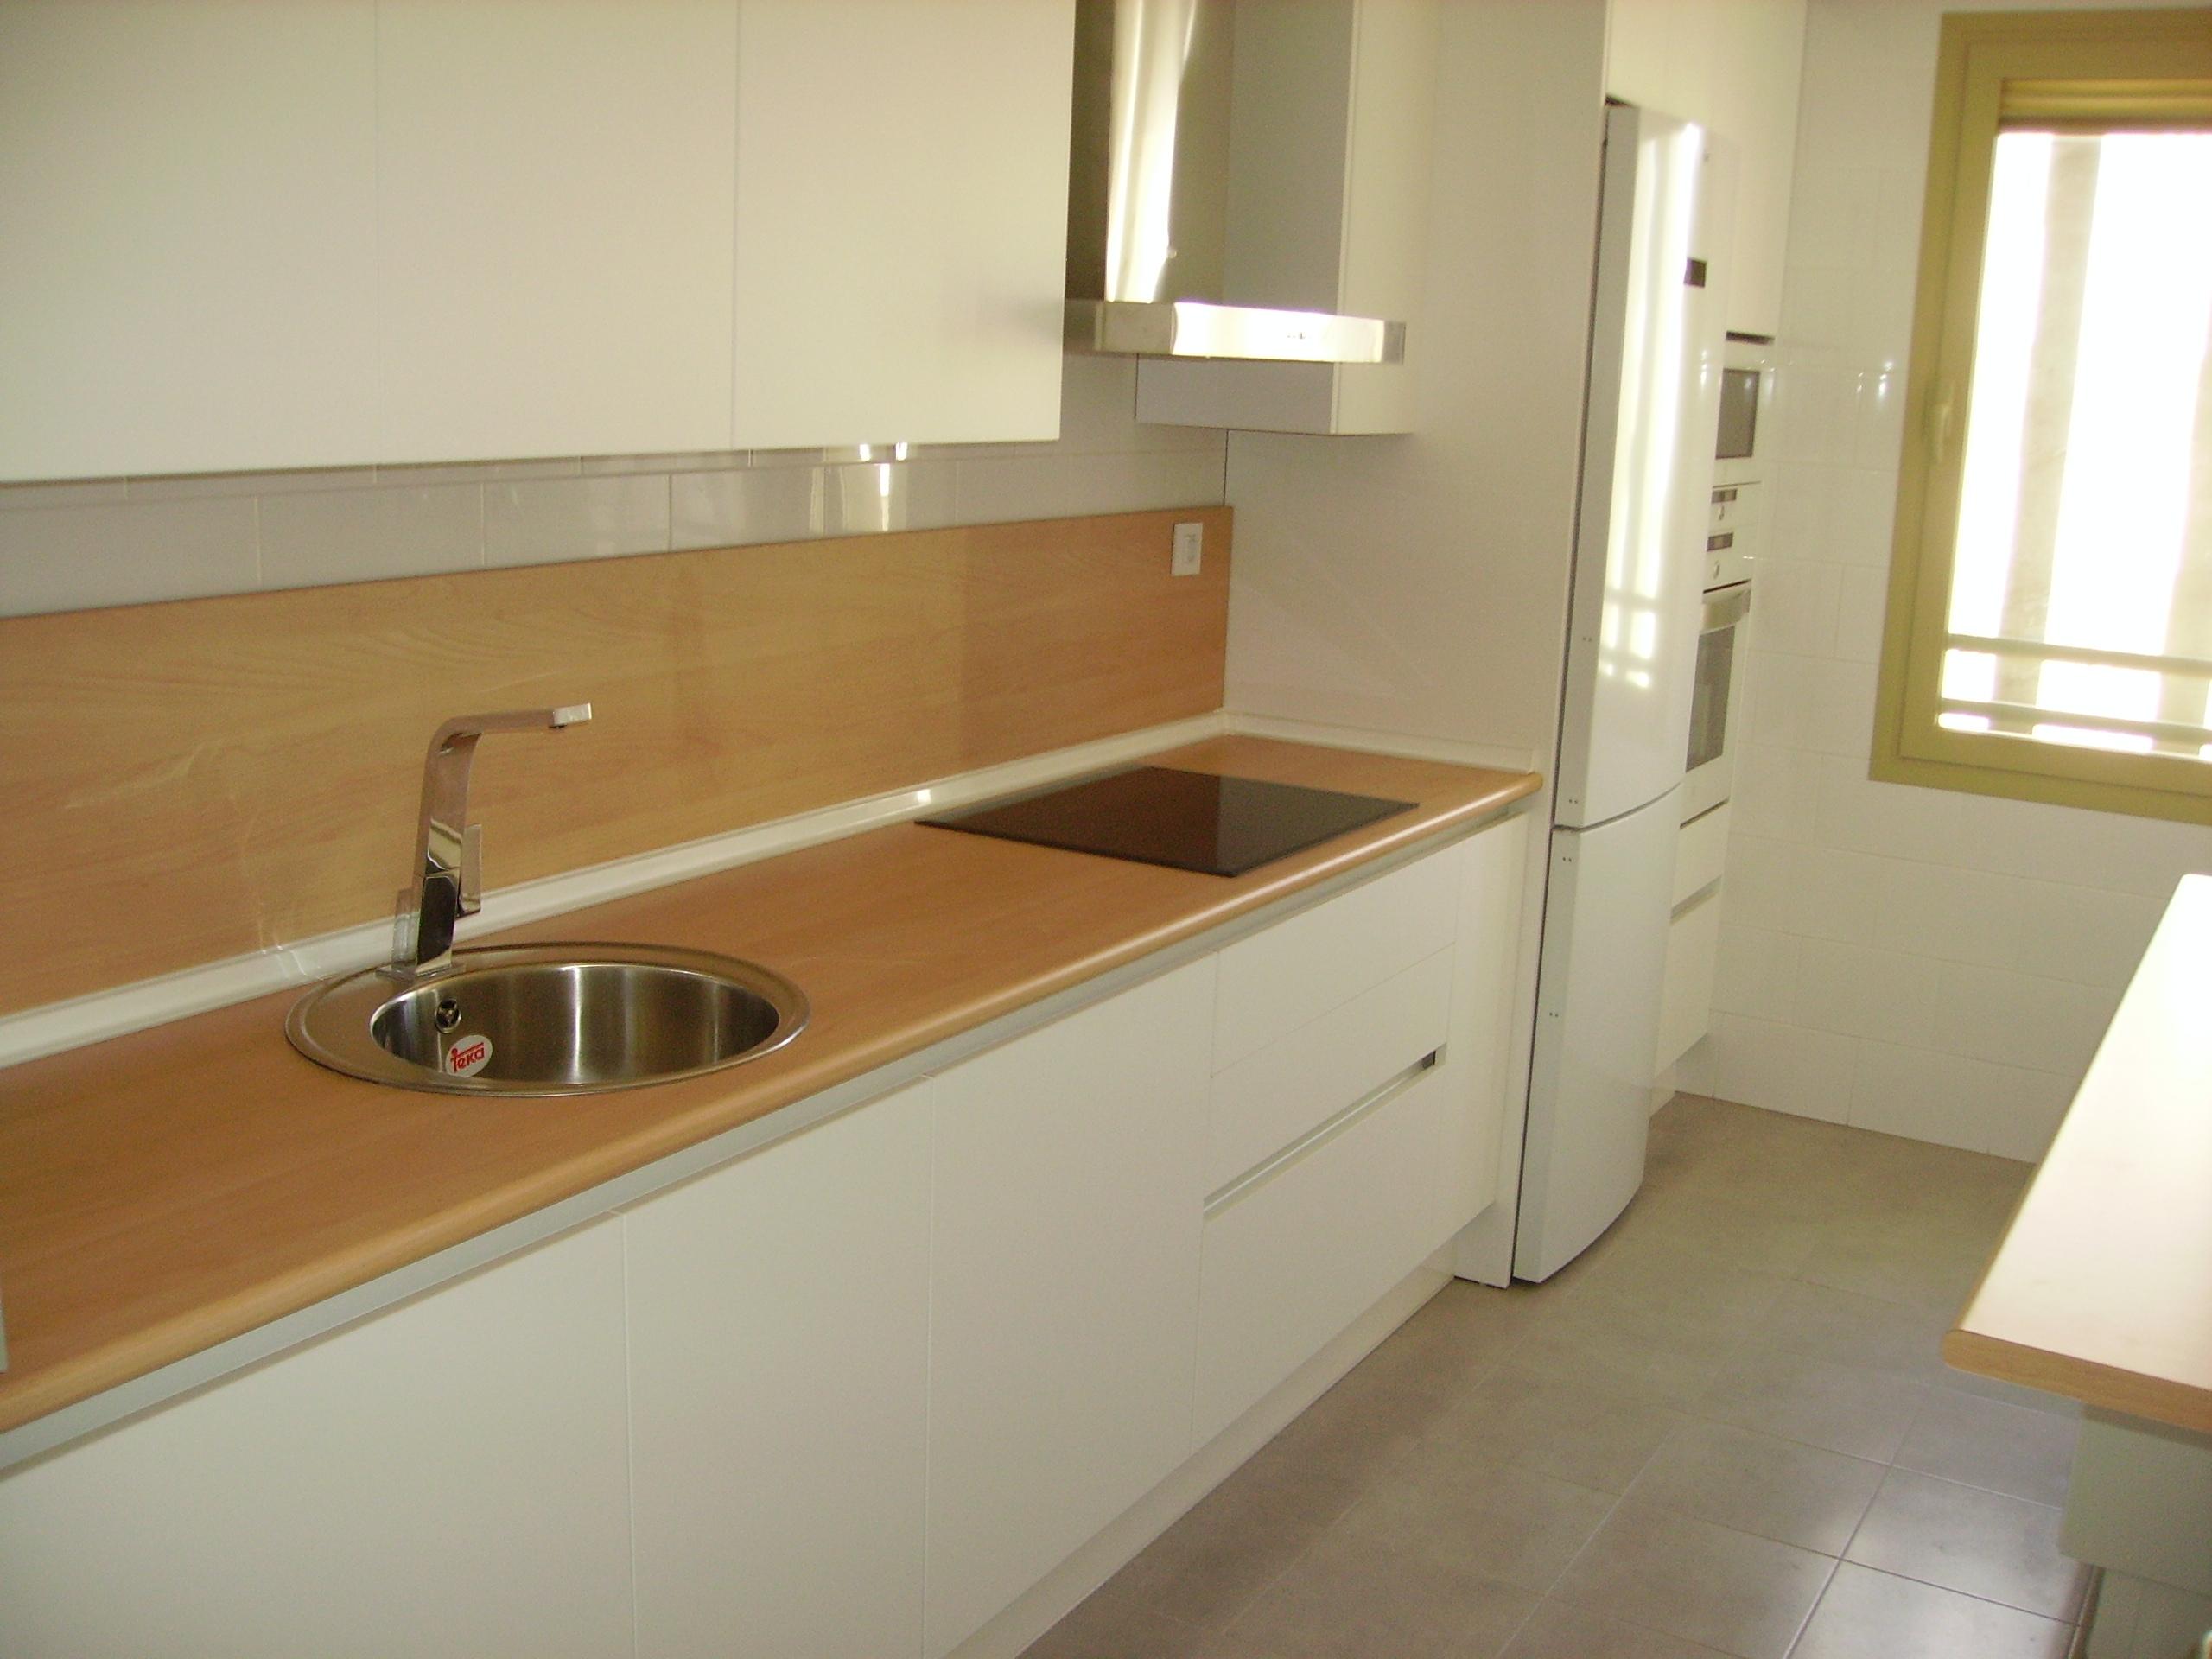 Nuestras cocinas selecci n cocinas tienda de cocinas Encimeras de cocina formica precios